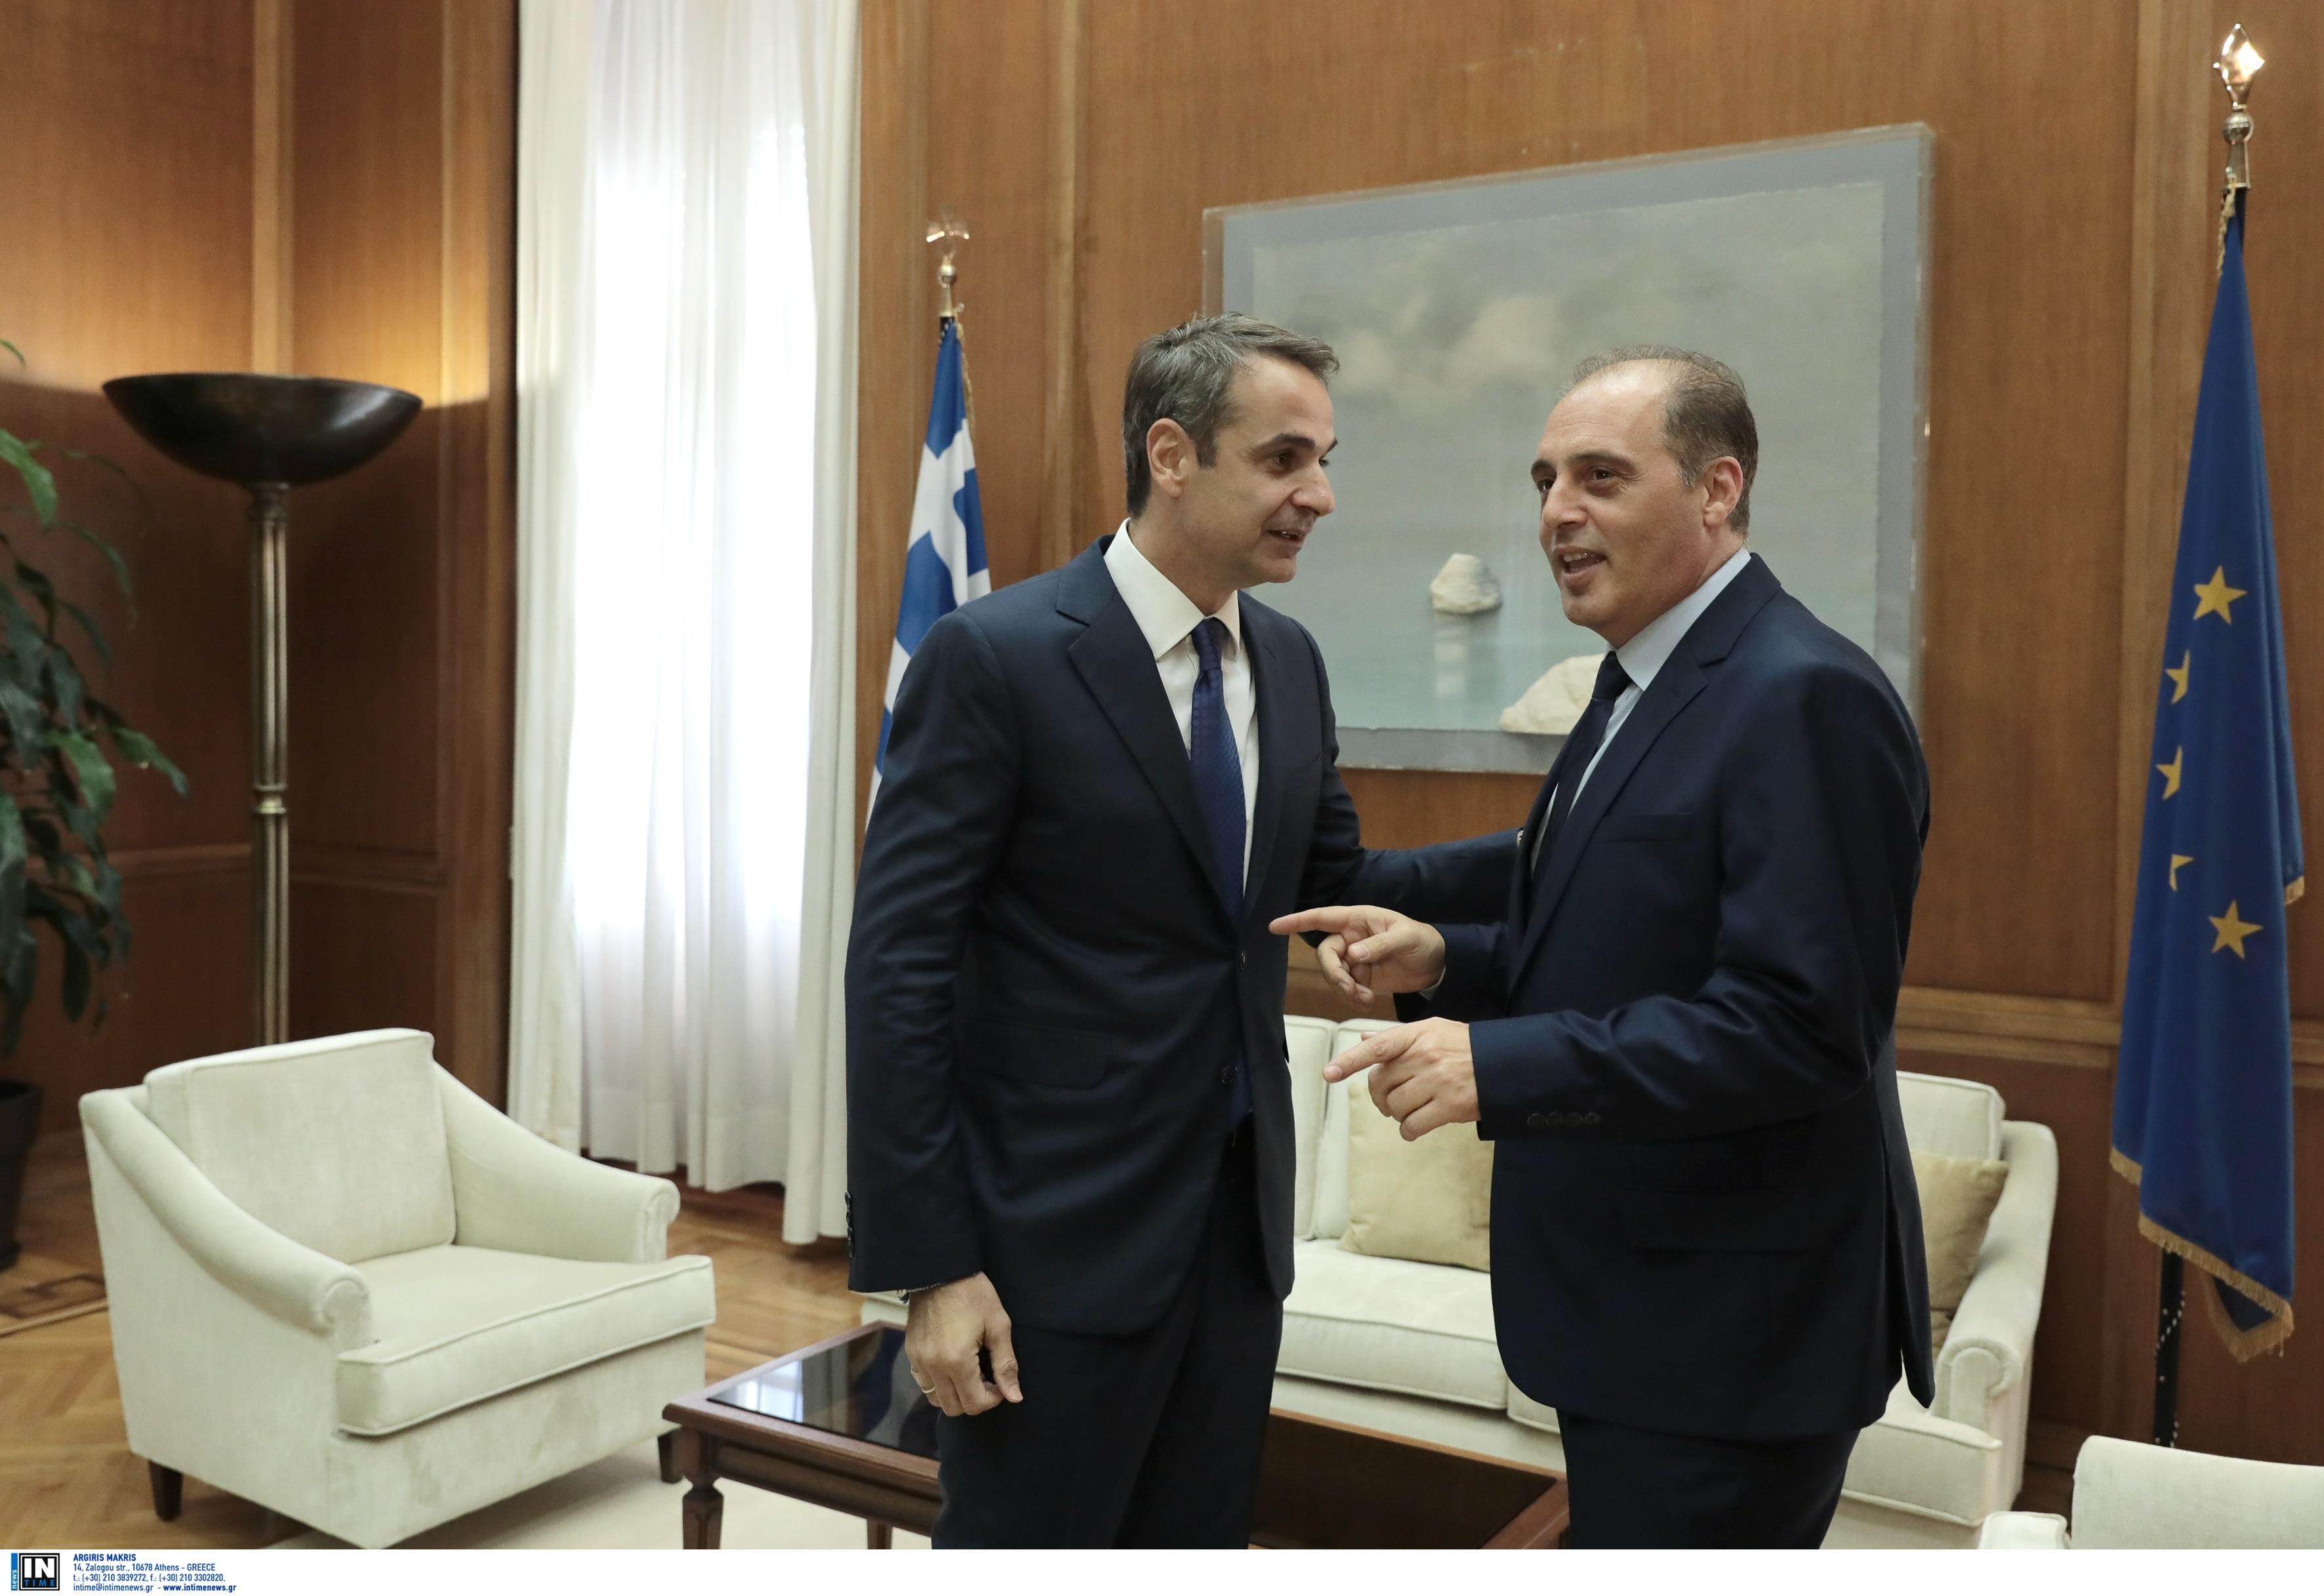 """Βελόπουλος: """"Δεν μπορεί να ψηφίζει ο κάθε ελληνοποιημένος Ιμπραήμ, Χασάν και να μην ψηφίζει ο Γιώργος, ο Νίκος...""""!"""